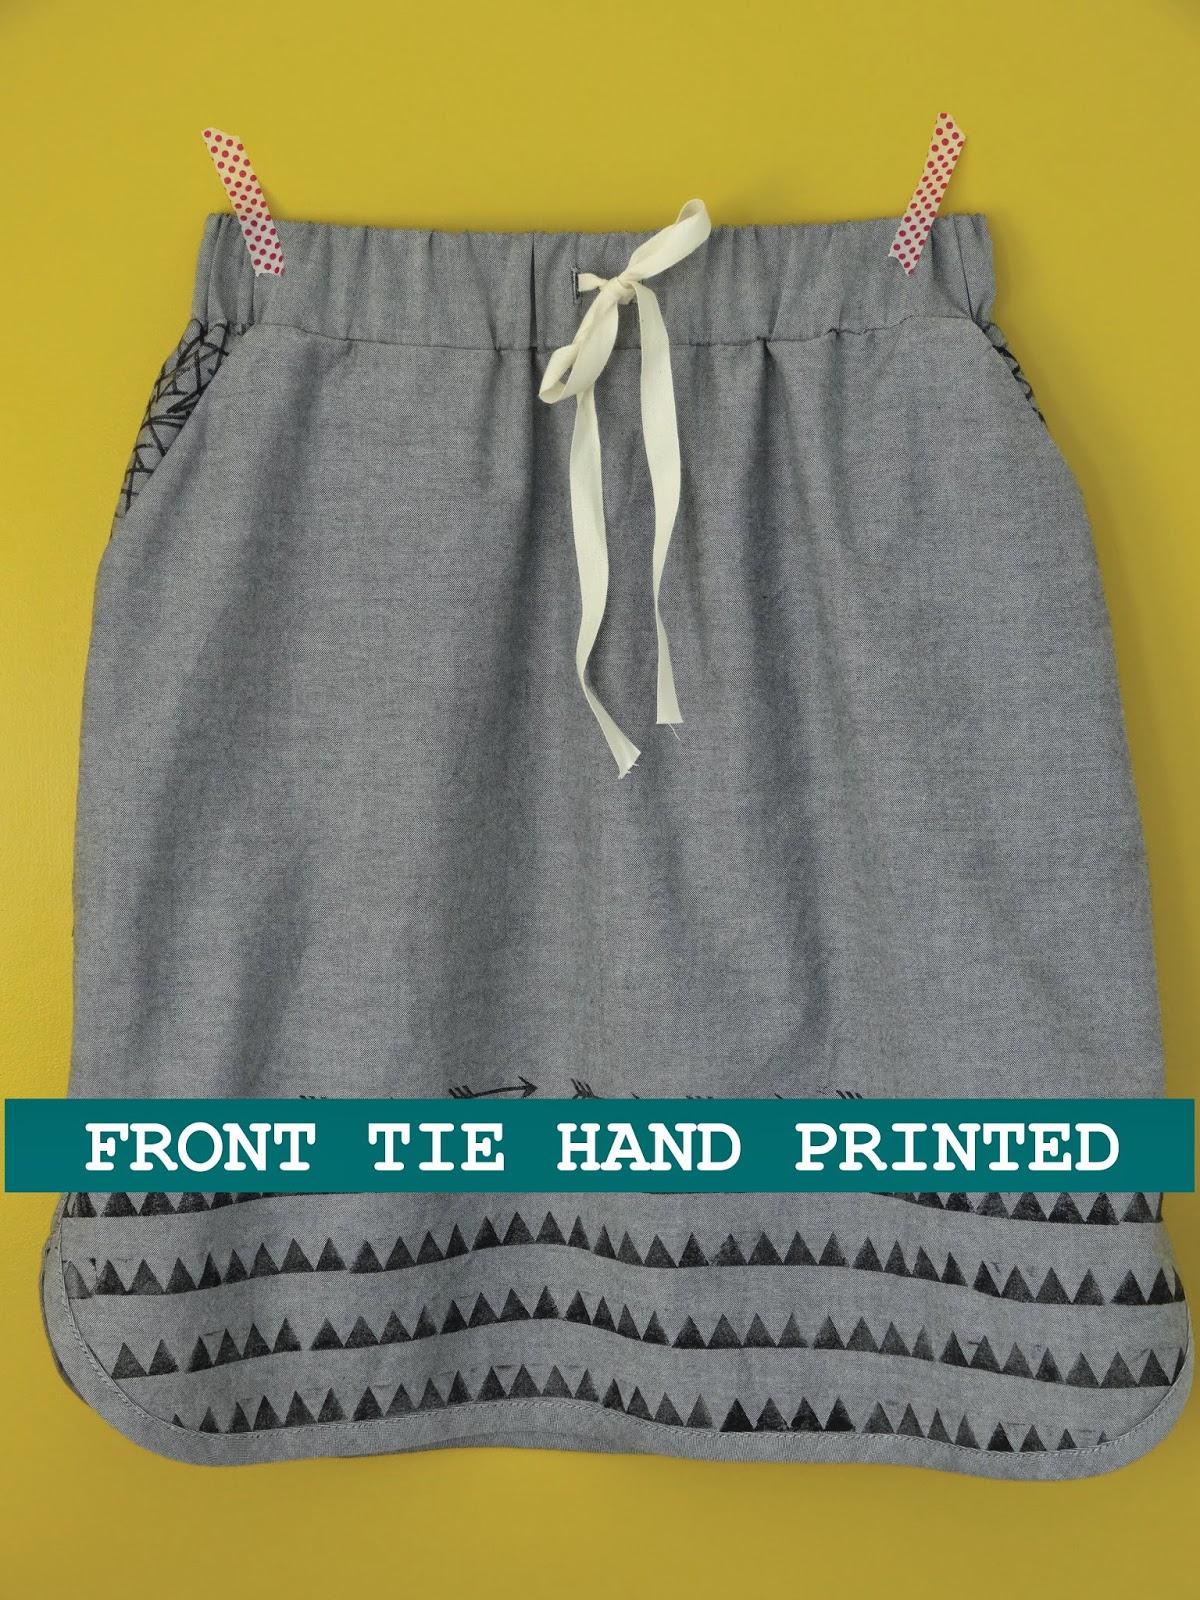 http://marillawalker.blogspot.co.uk/2015/03/hand-printed-ilsley-skirt.html